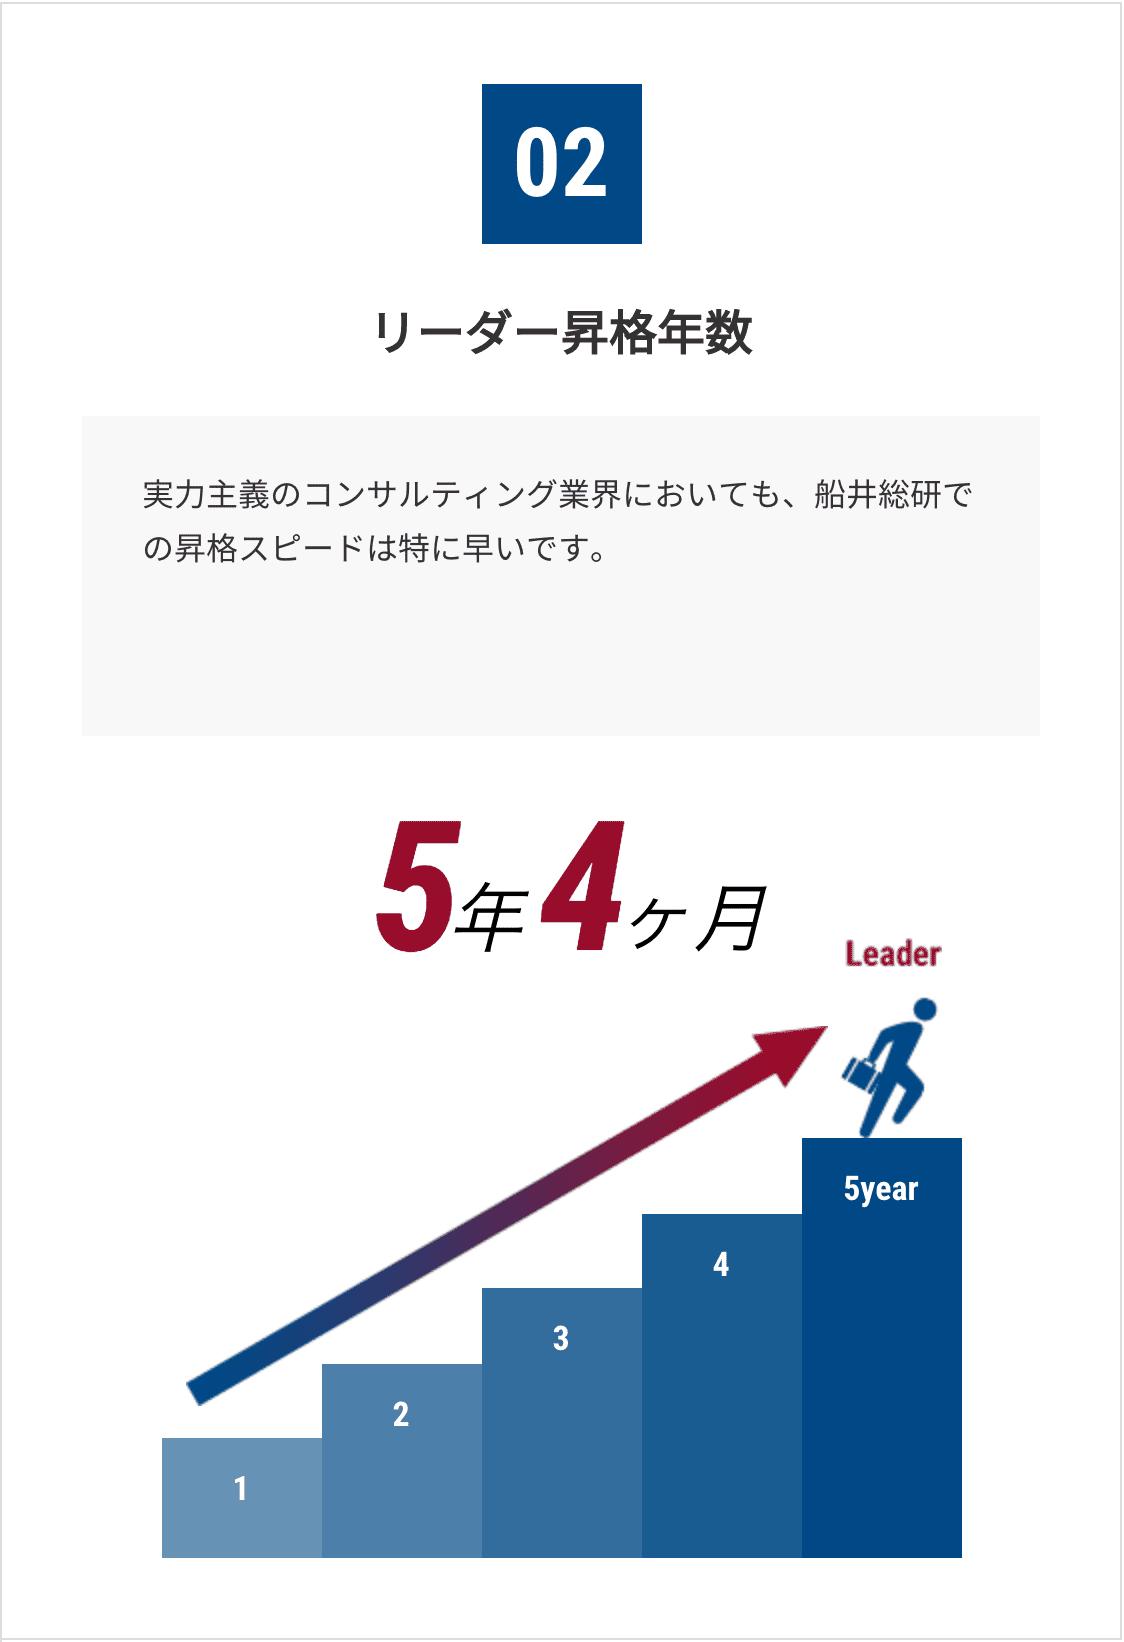 リーダー昇格年数